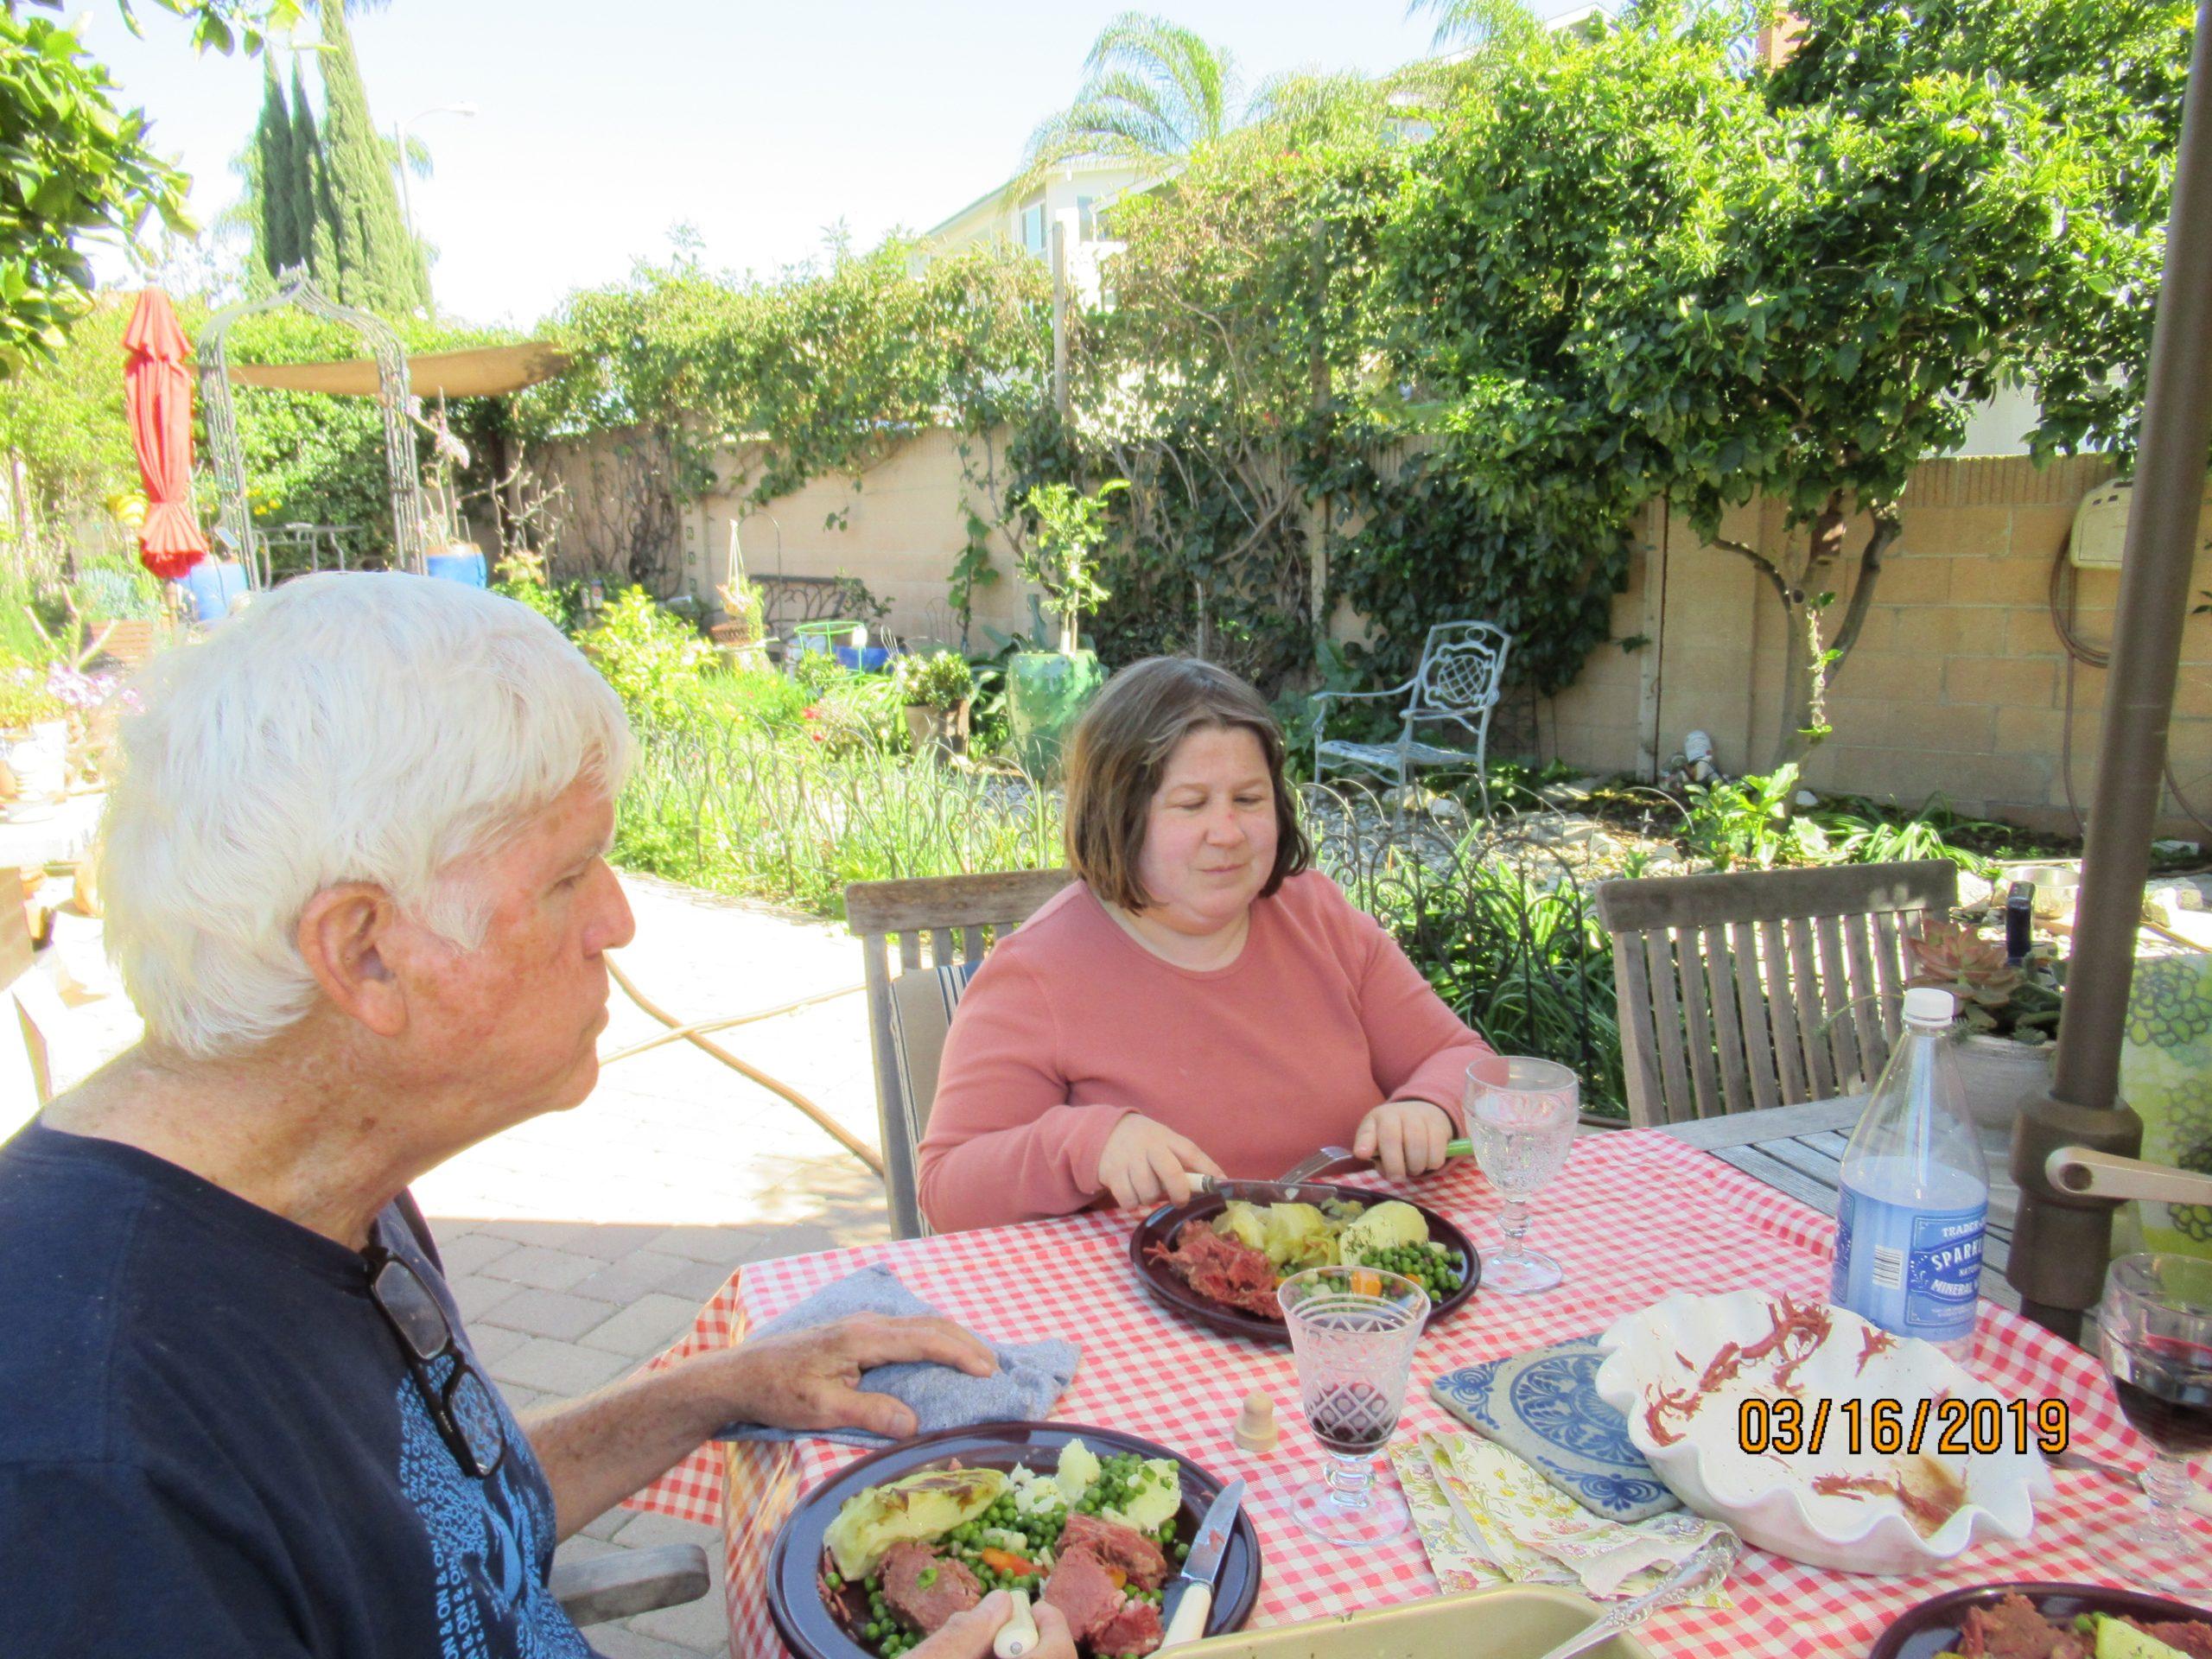 Lunch in their garden